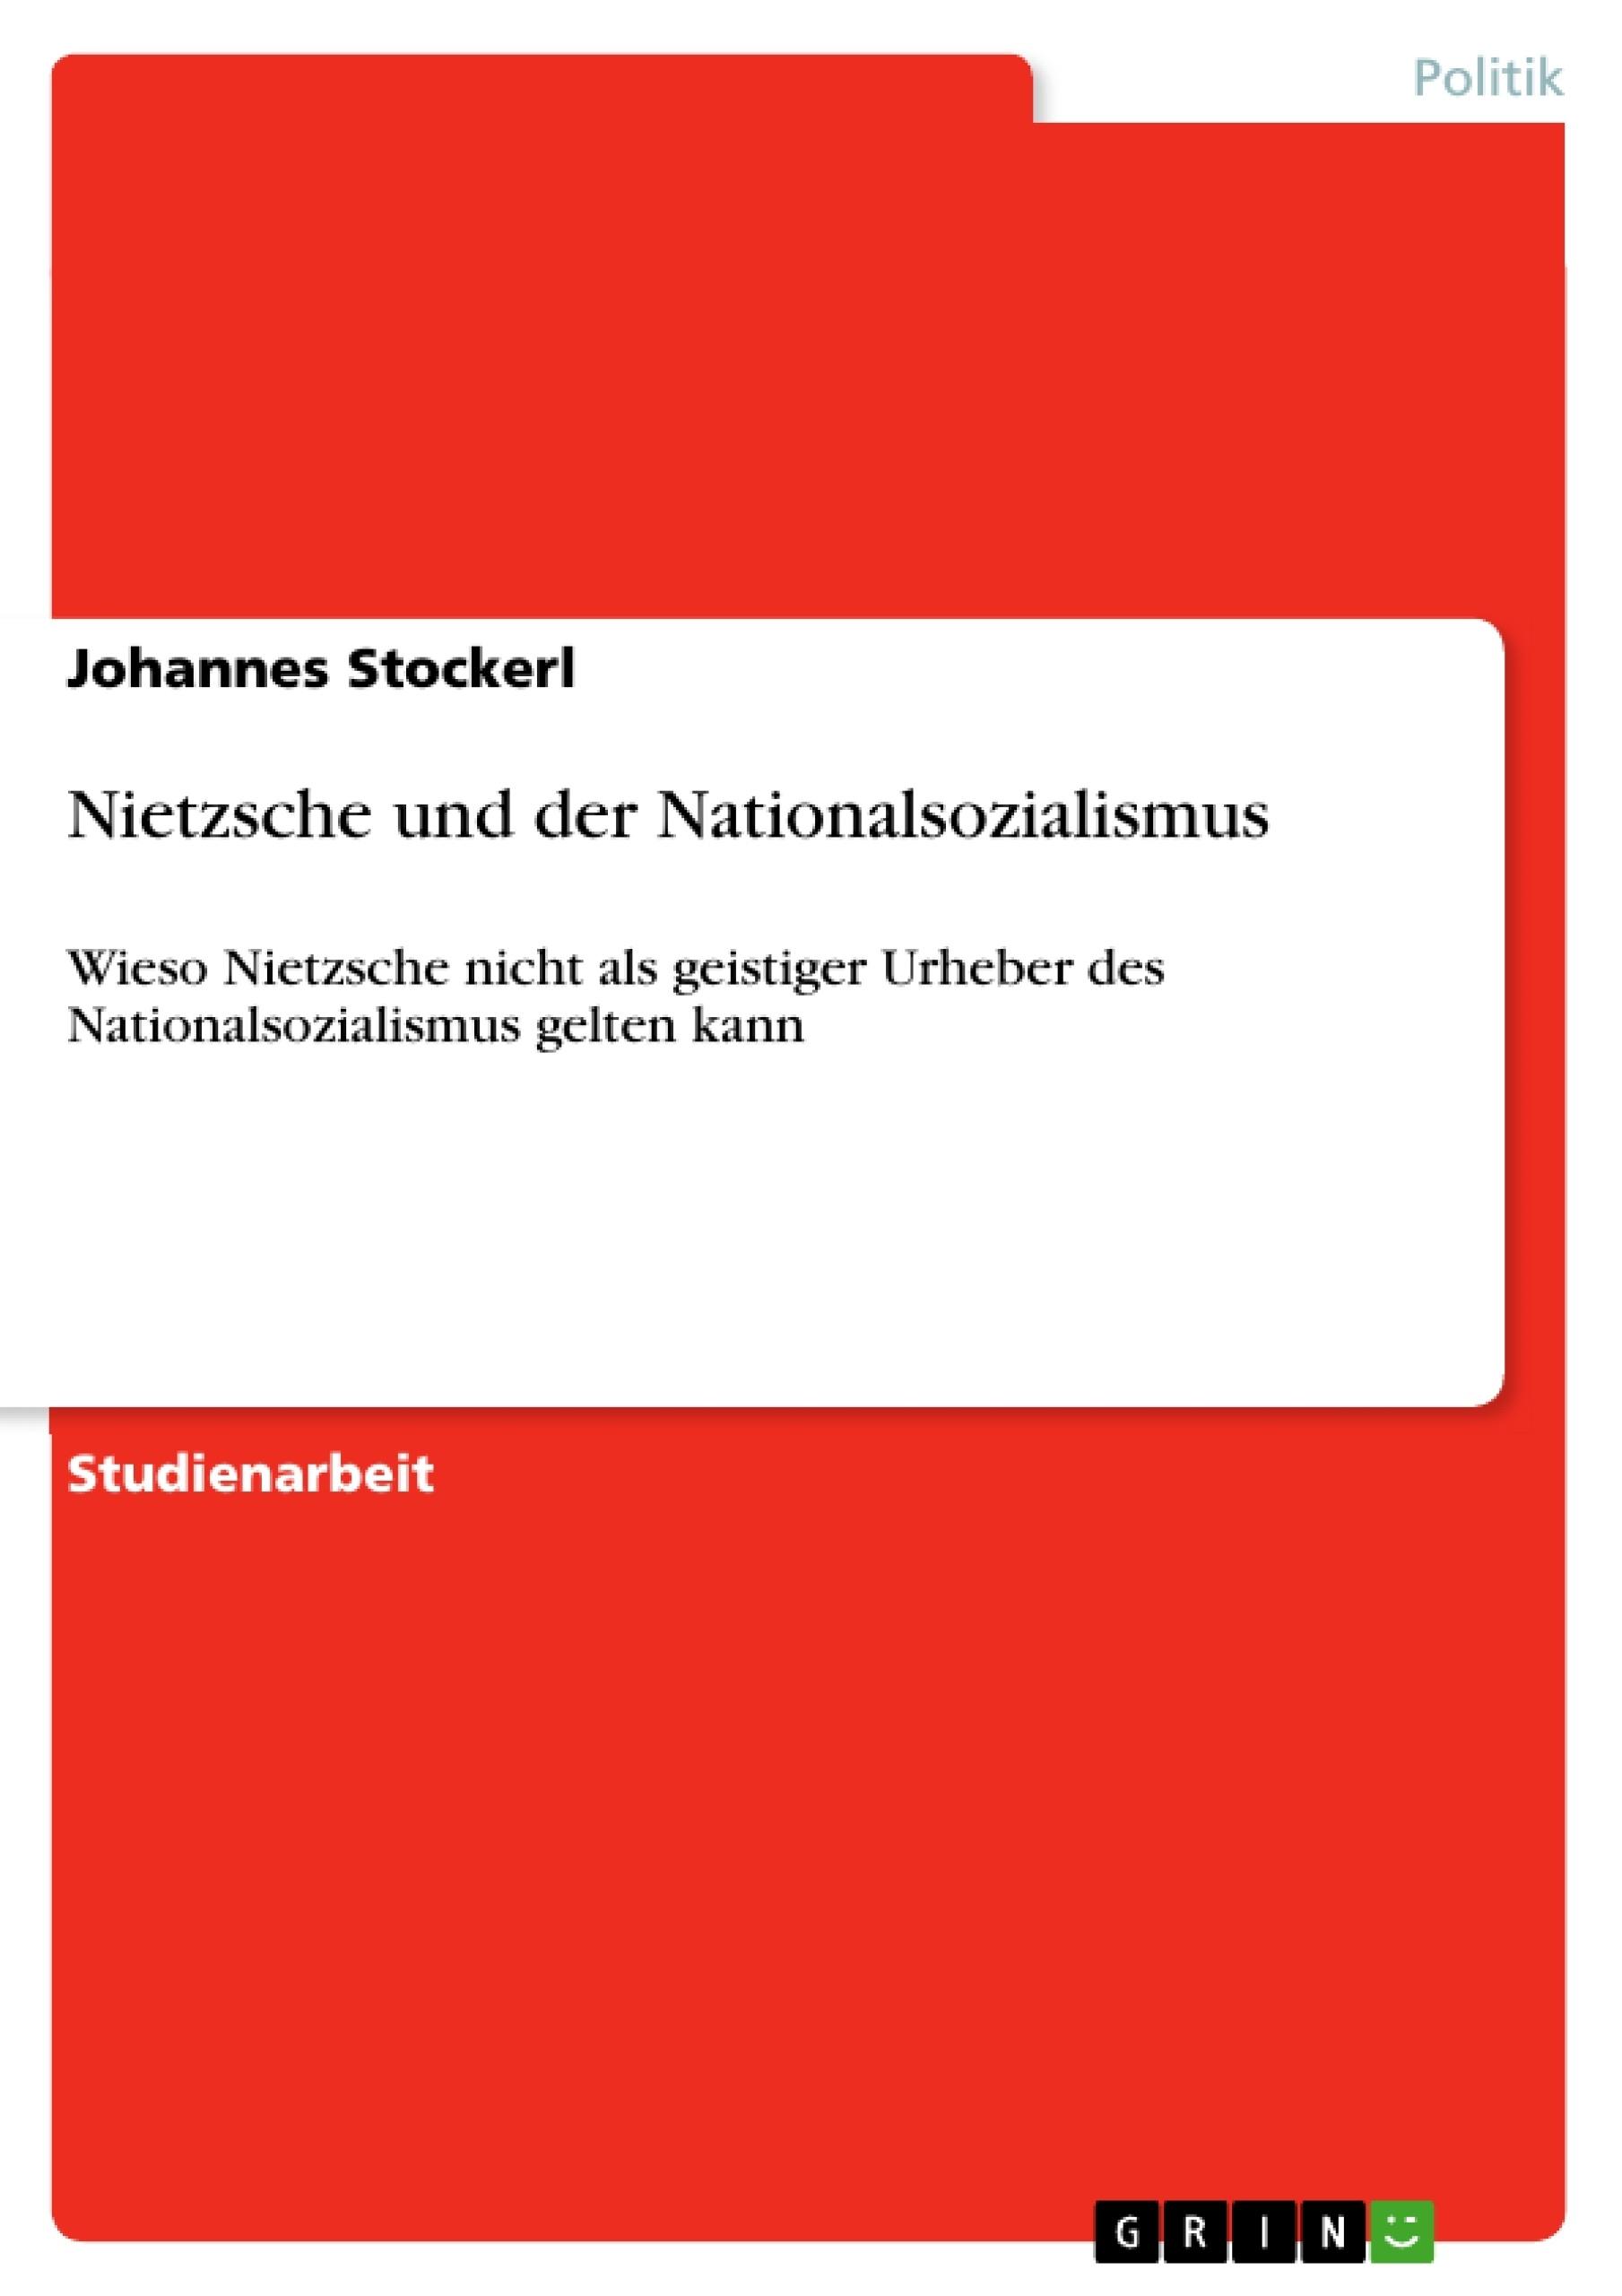 Titel: Nietzsche und der Nationalsozialismus